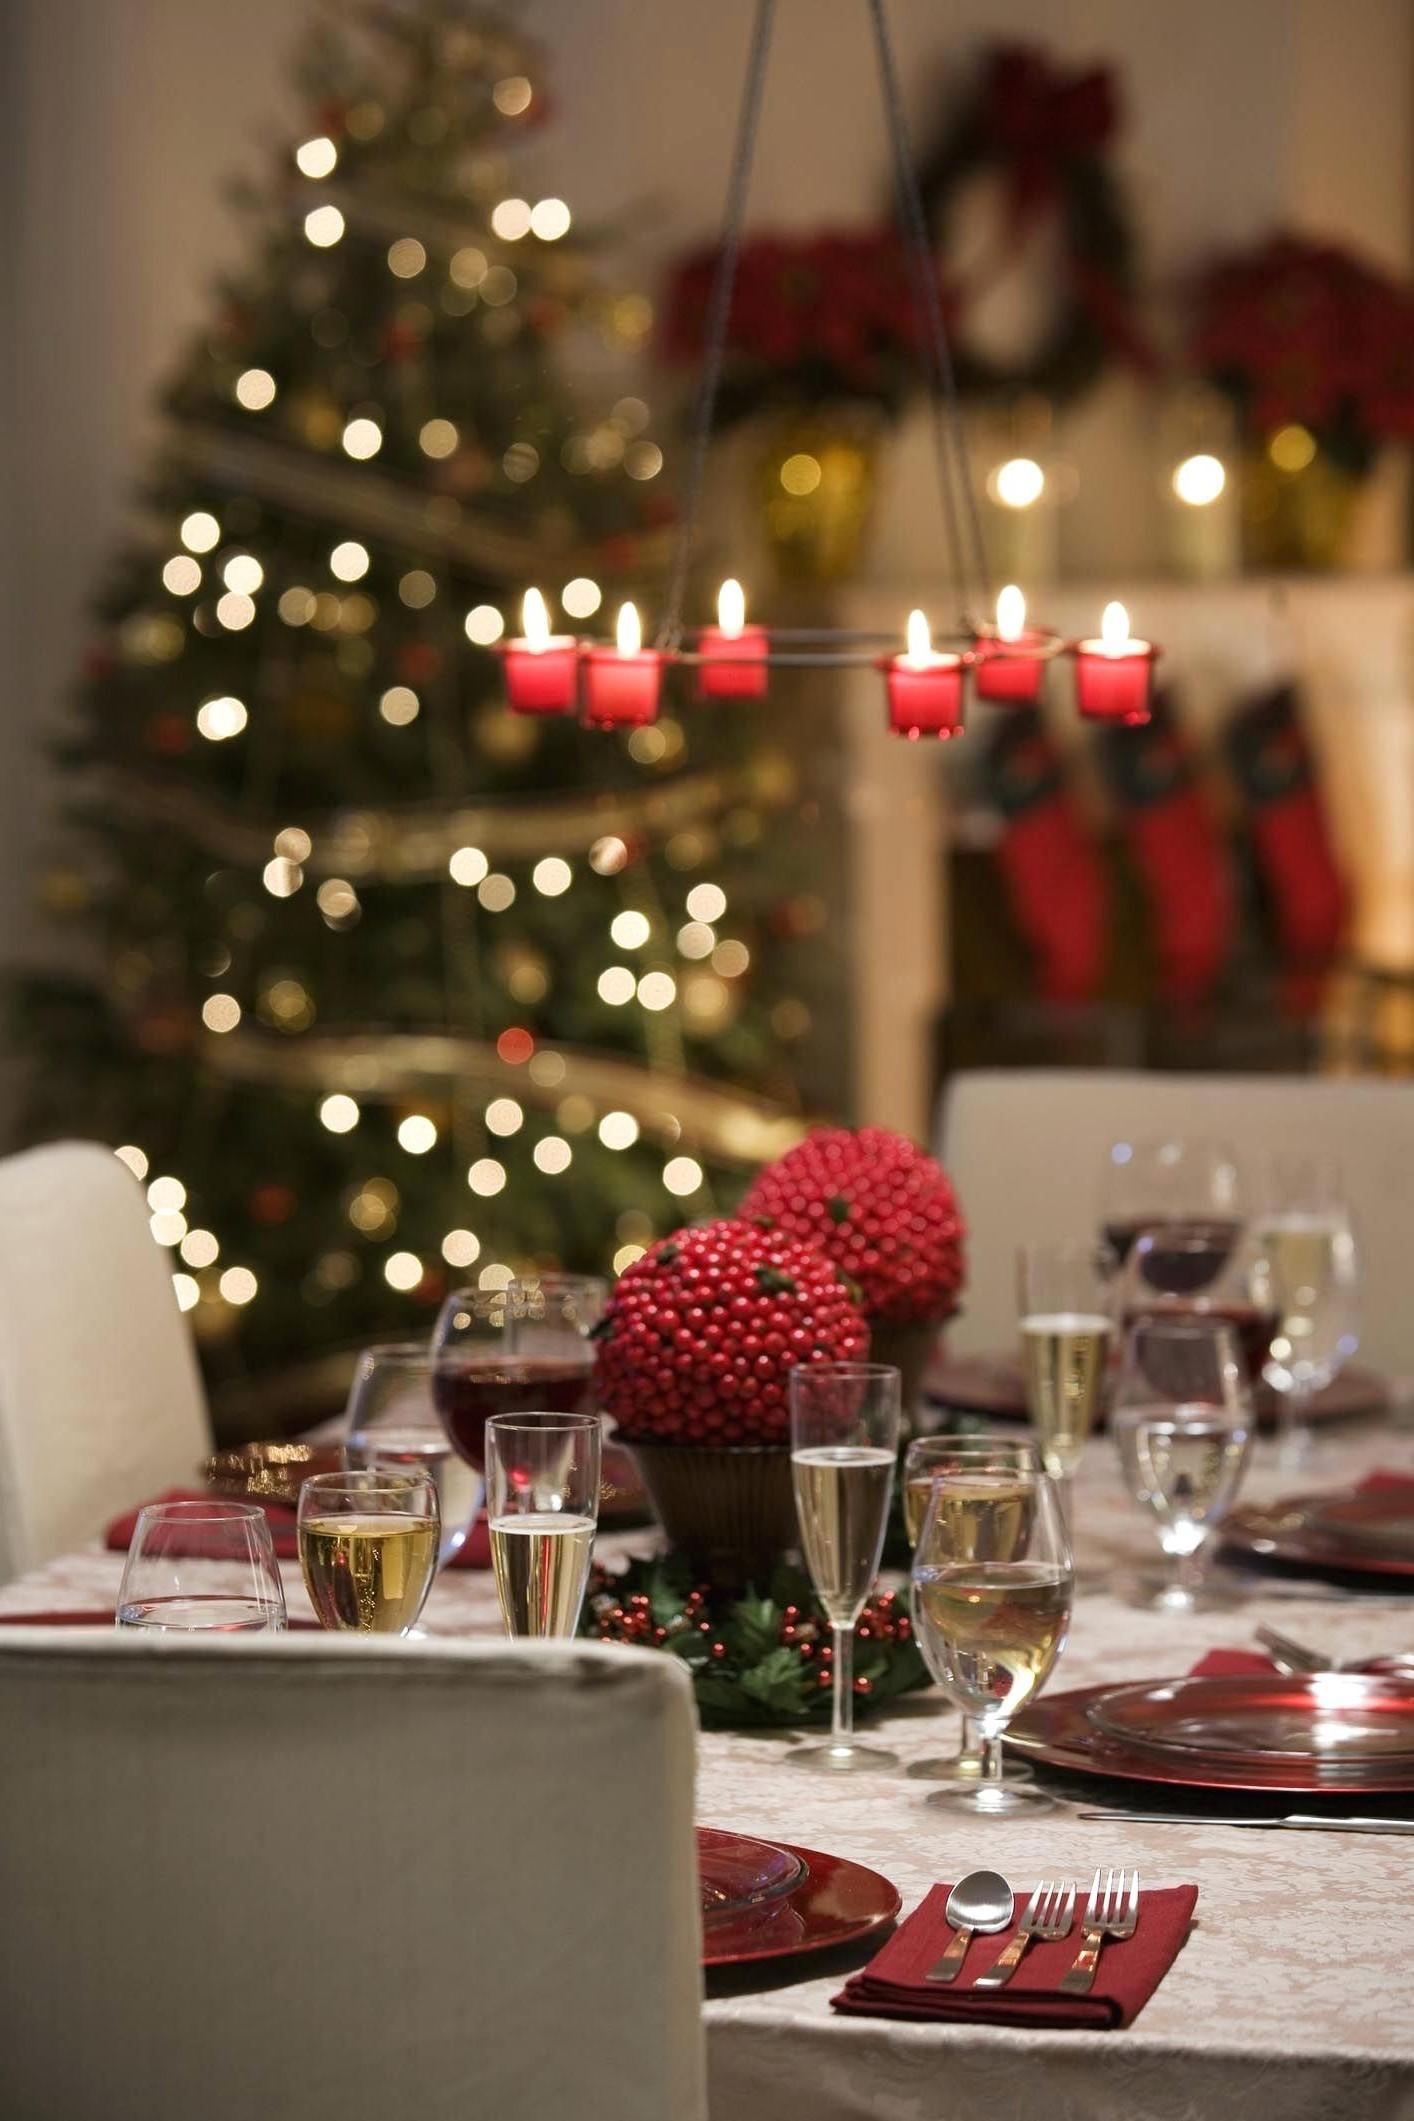 Décoration de Noël avec des bougies pour une atmosphère chaleureuse.